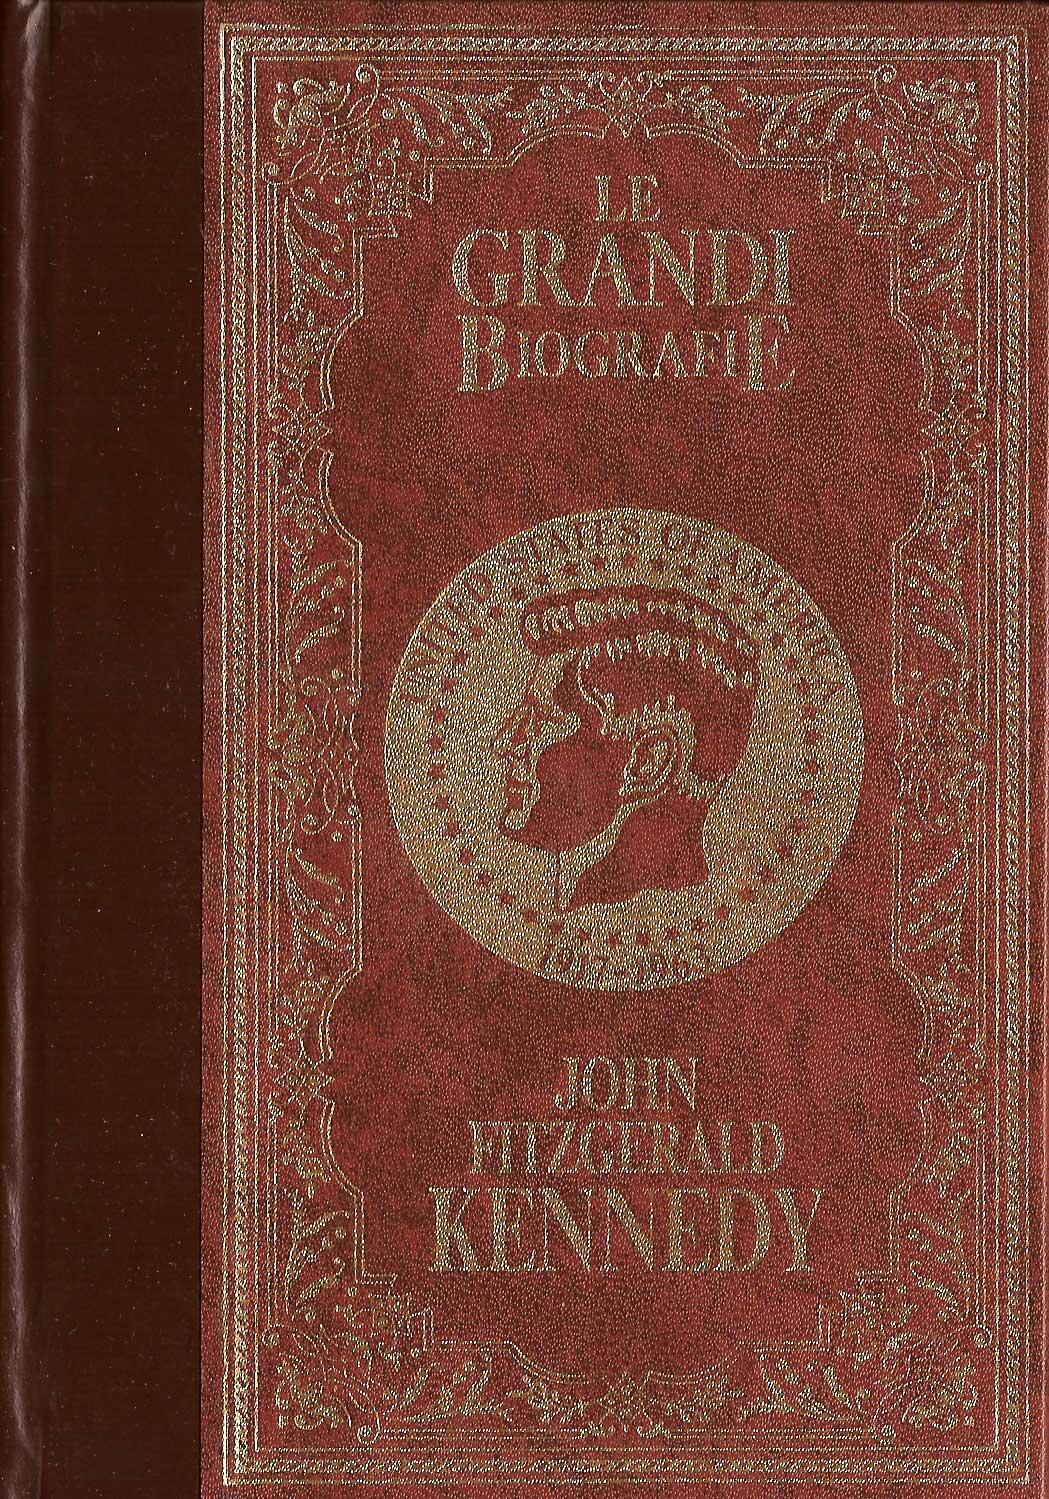 Vita di John Fitzgerald Kennedy